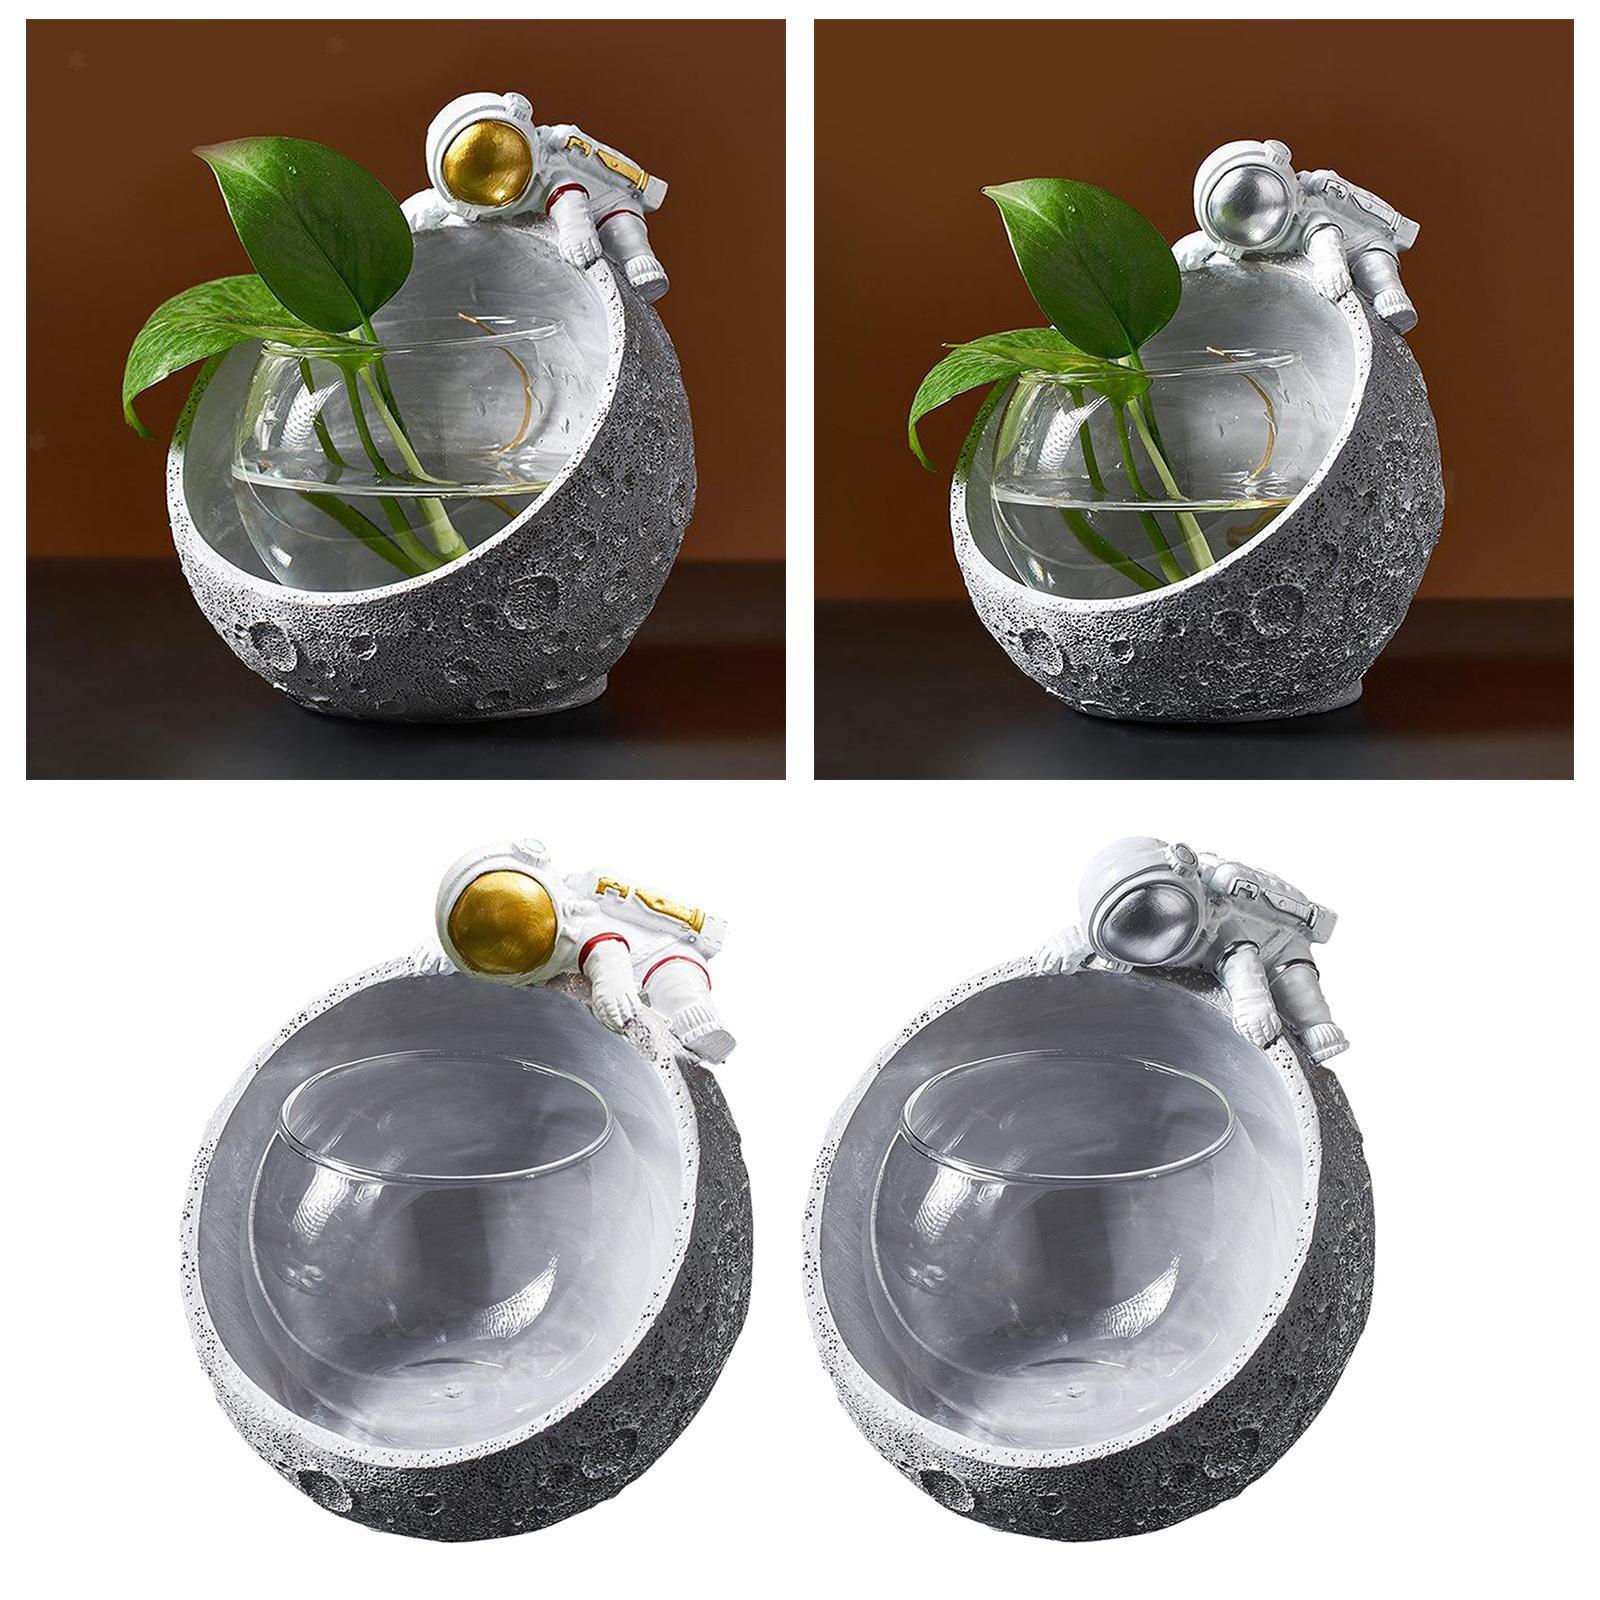 Glas Pflanzgefäße Tisch Pflanzgefäße Runde Glasvase Blumentöpfe